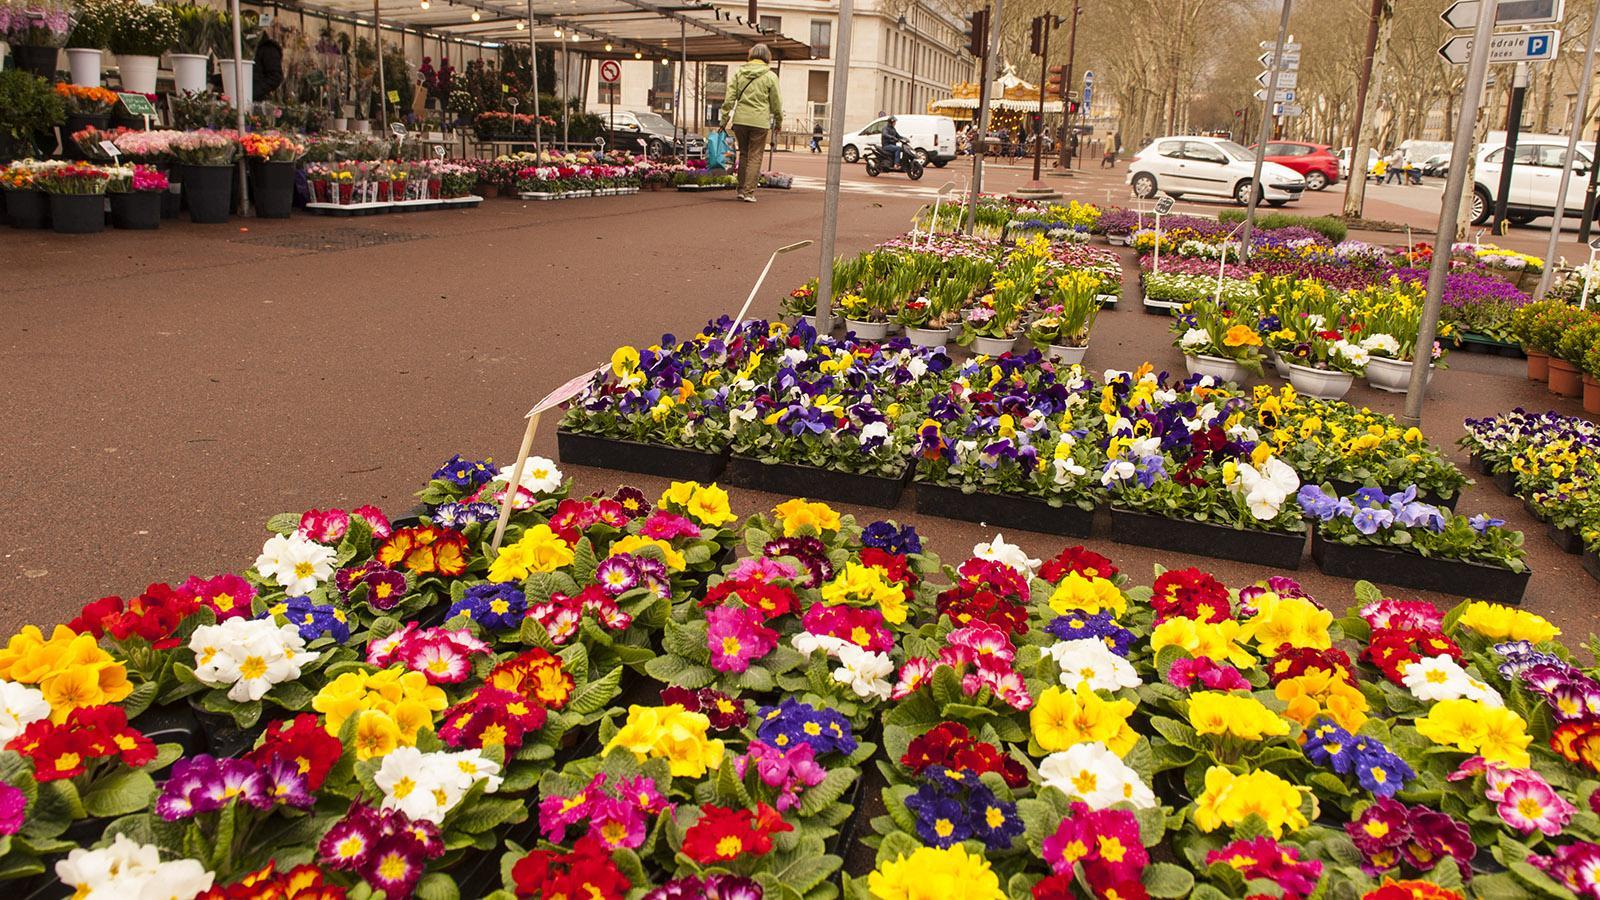 Auf dem Boulevard verbreitet ein kleiner Blumenmarkt Frühlingsgefühle. Foto: Hilke Maunder